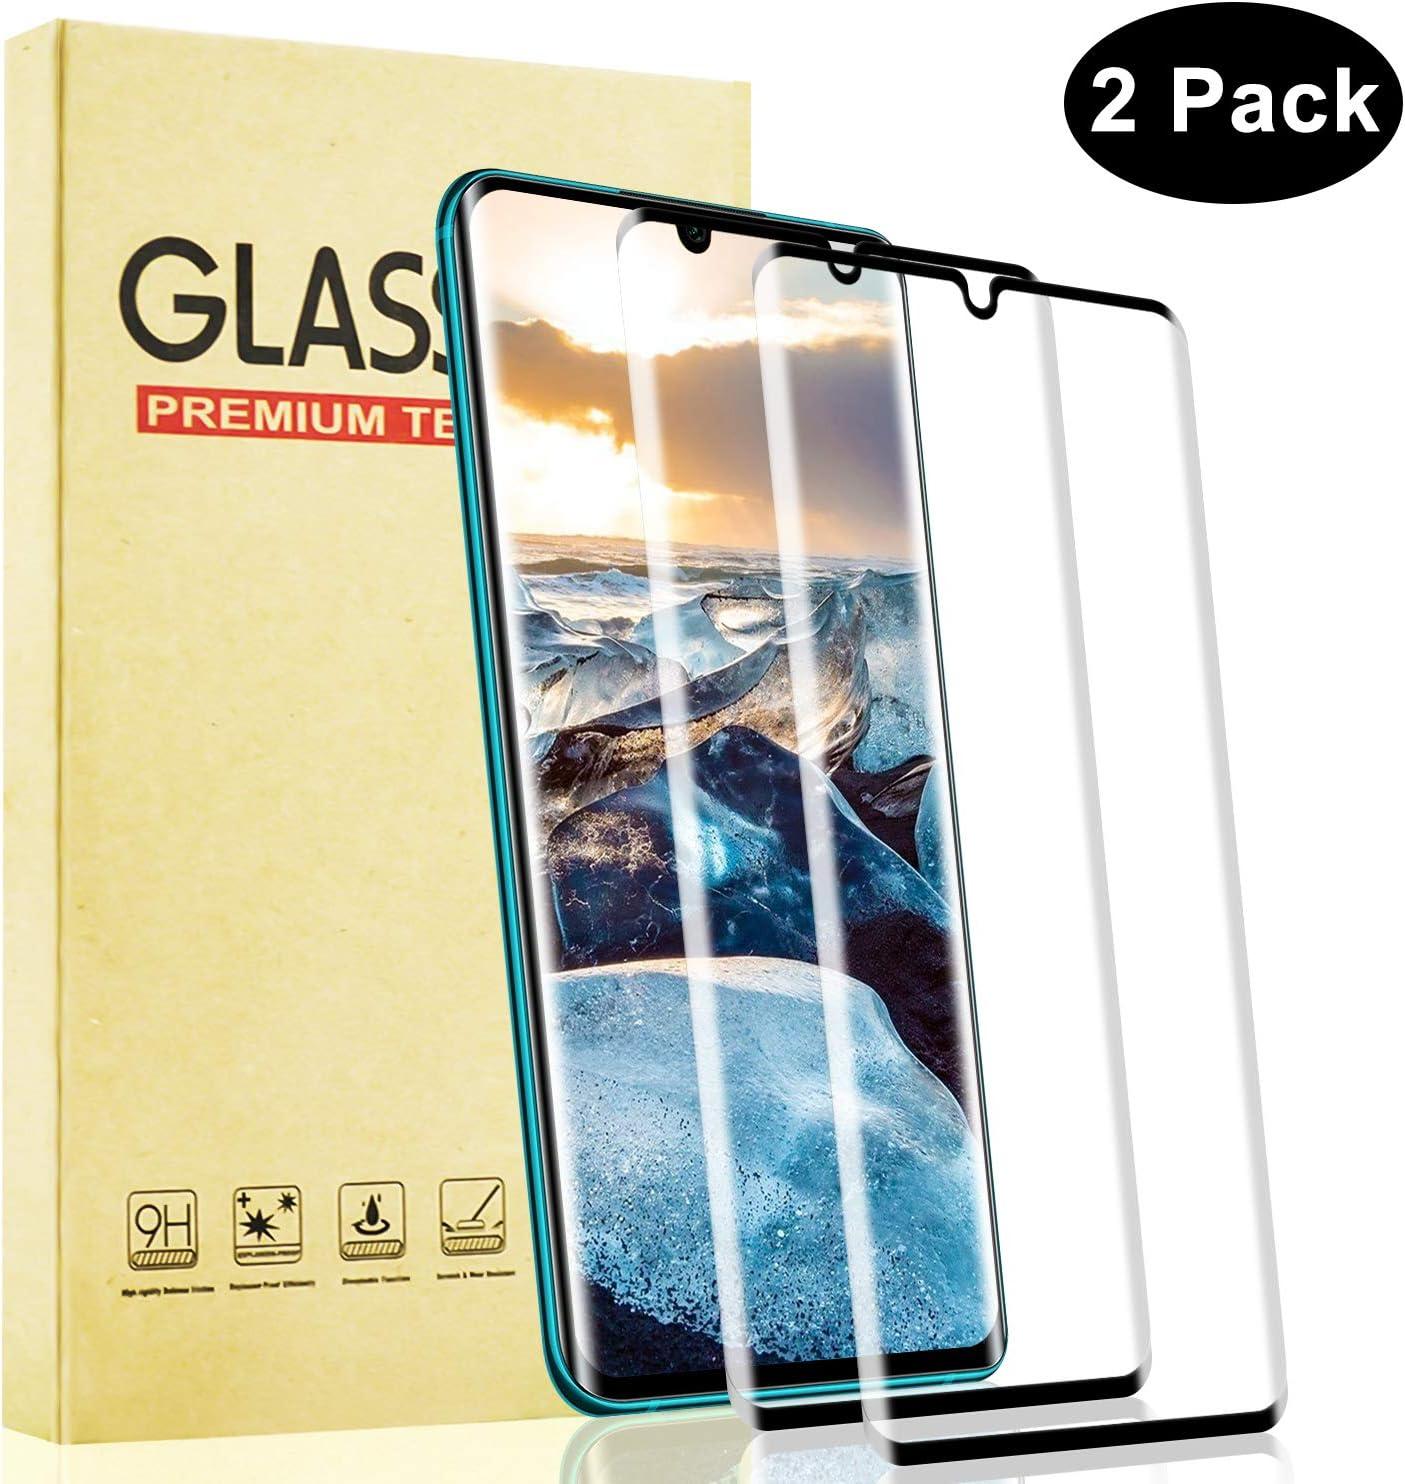 Lixuve Cristal Templado para Xiaomi Mi Note 10, Cobertura Toda Protector de Pantalla de Vidrio Templado, 9H Dureza, Alta Claridad, Fácil Instalación, 2 Unidades